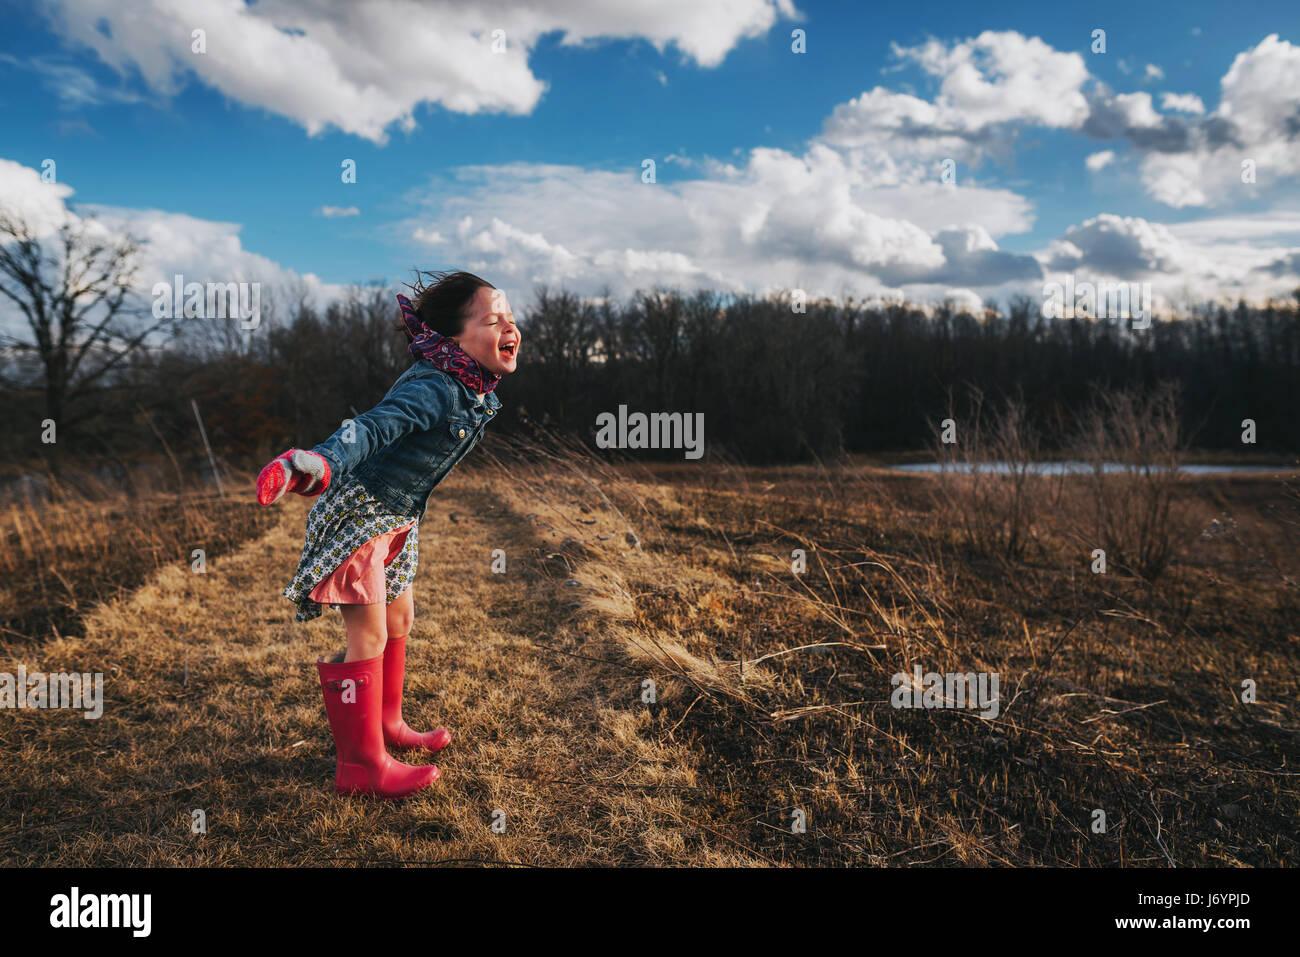 Mädchen mit ausgestreckten Armen schreiend in den wind Stockfoto